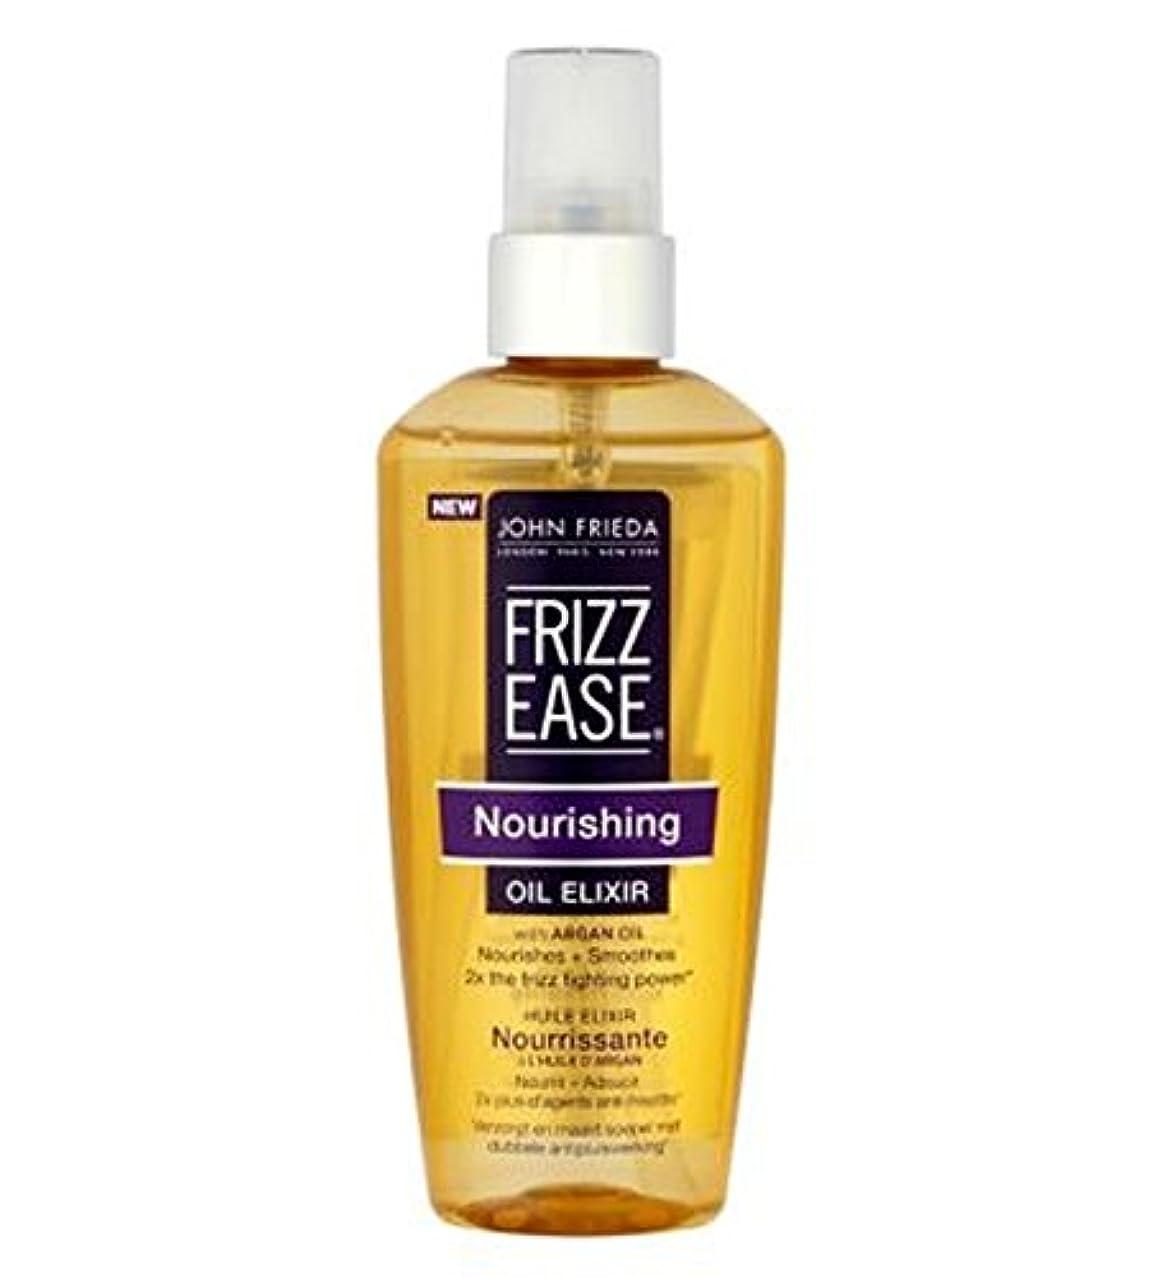 摩擦イノセンス必要John Frieda Frizz-Ease Nourishing Oil Elixir 100ml - ジョン?フリーダ縮れ-容易栄養オイルエリキシルの100ミリリットル (John Frieda) [並行輸入品]